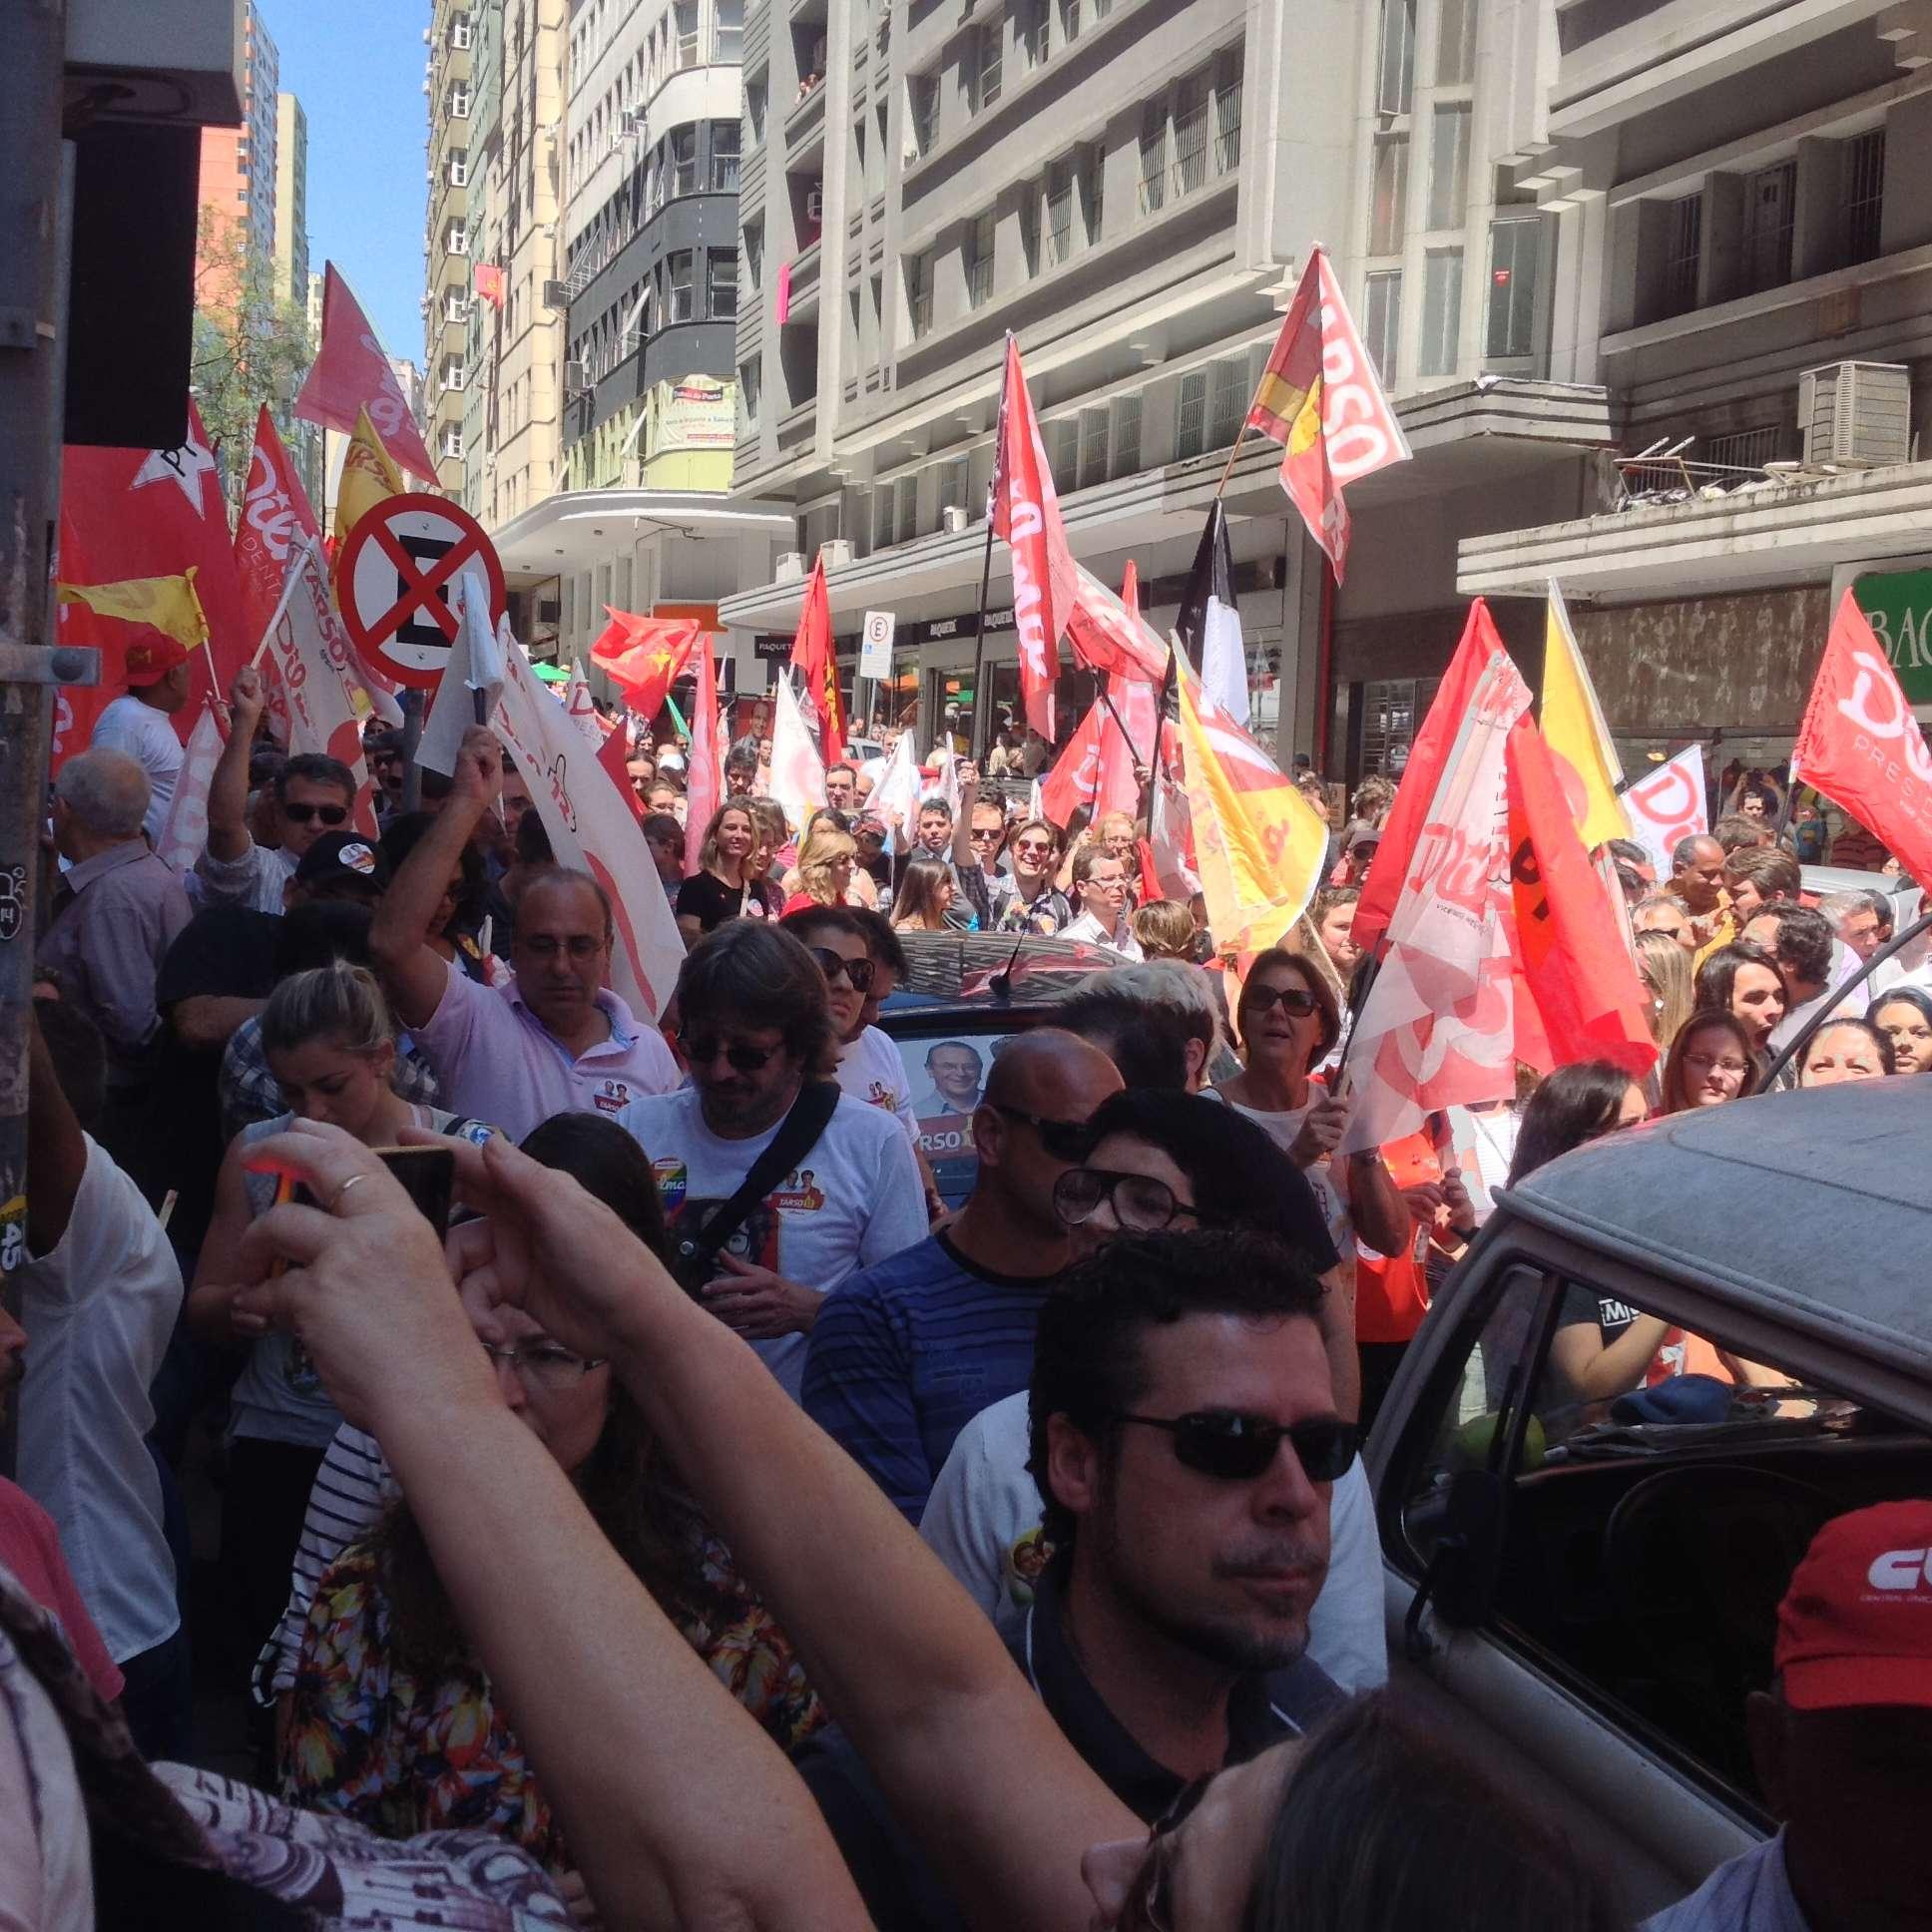 Lula não perdeu a chance de criticar Aécio Neves Foto: Flavia Bemfica/Especial para Terra